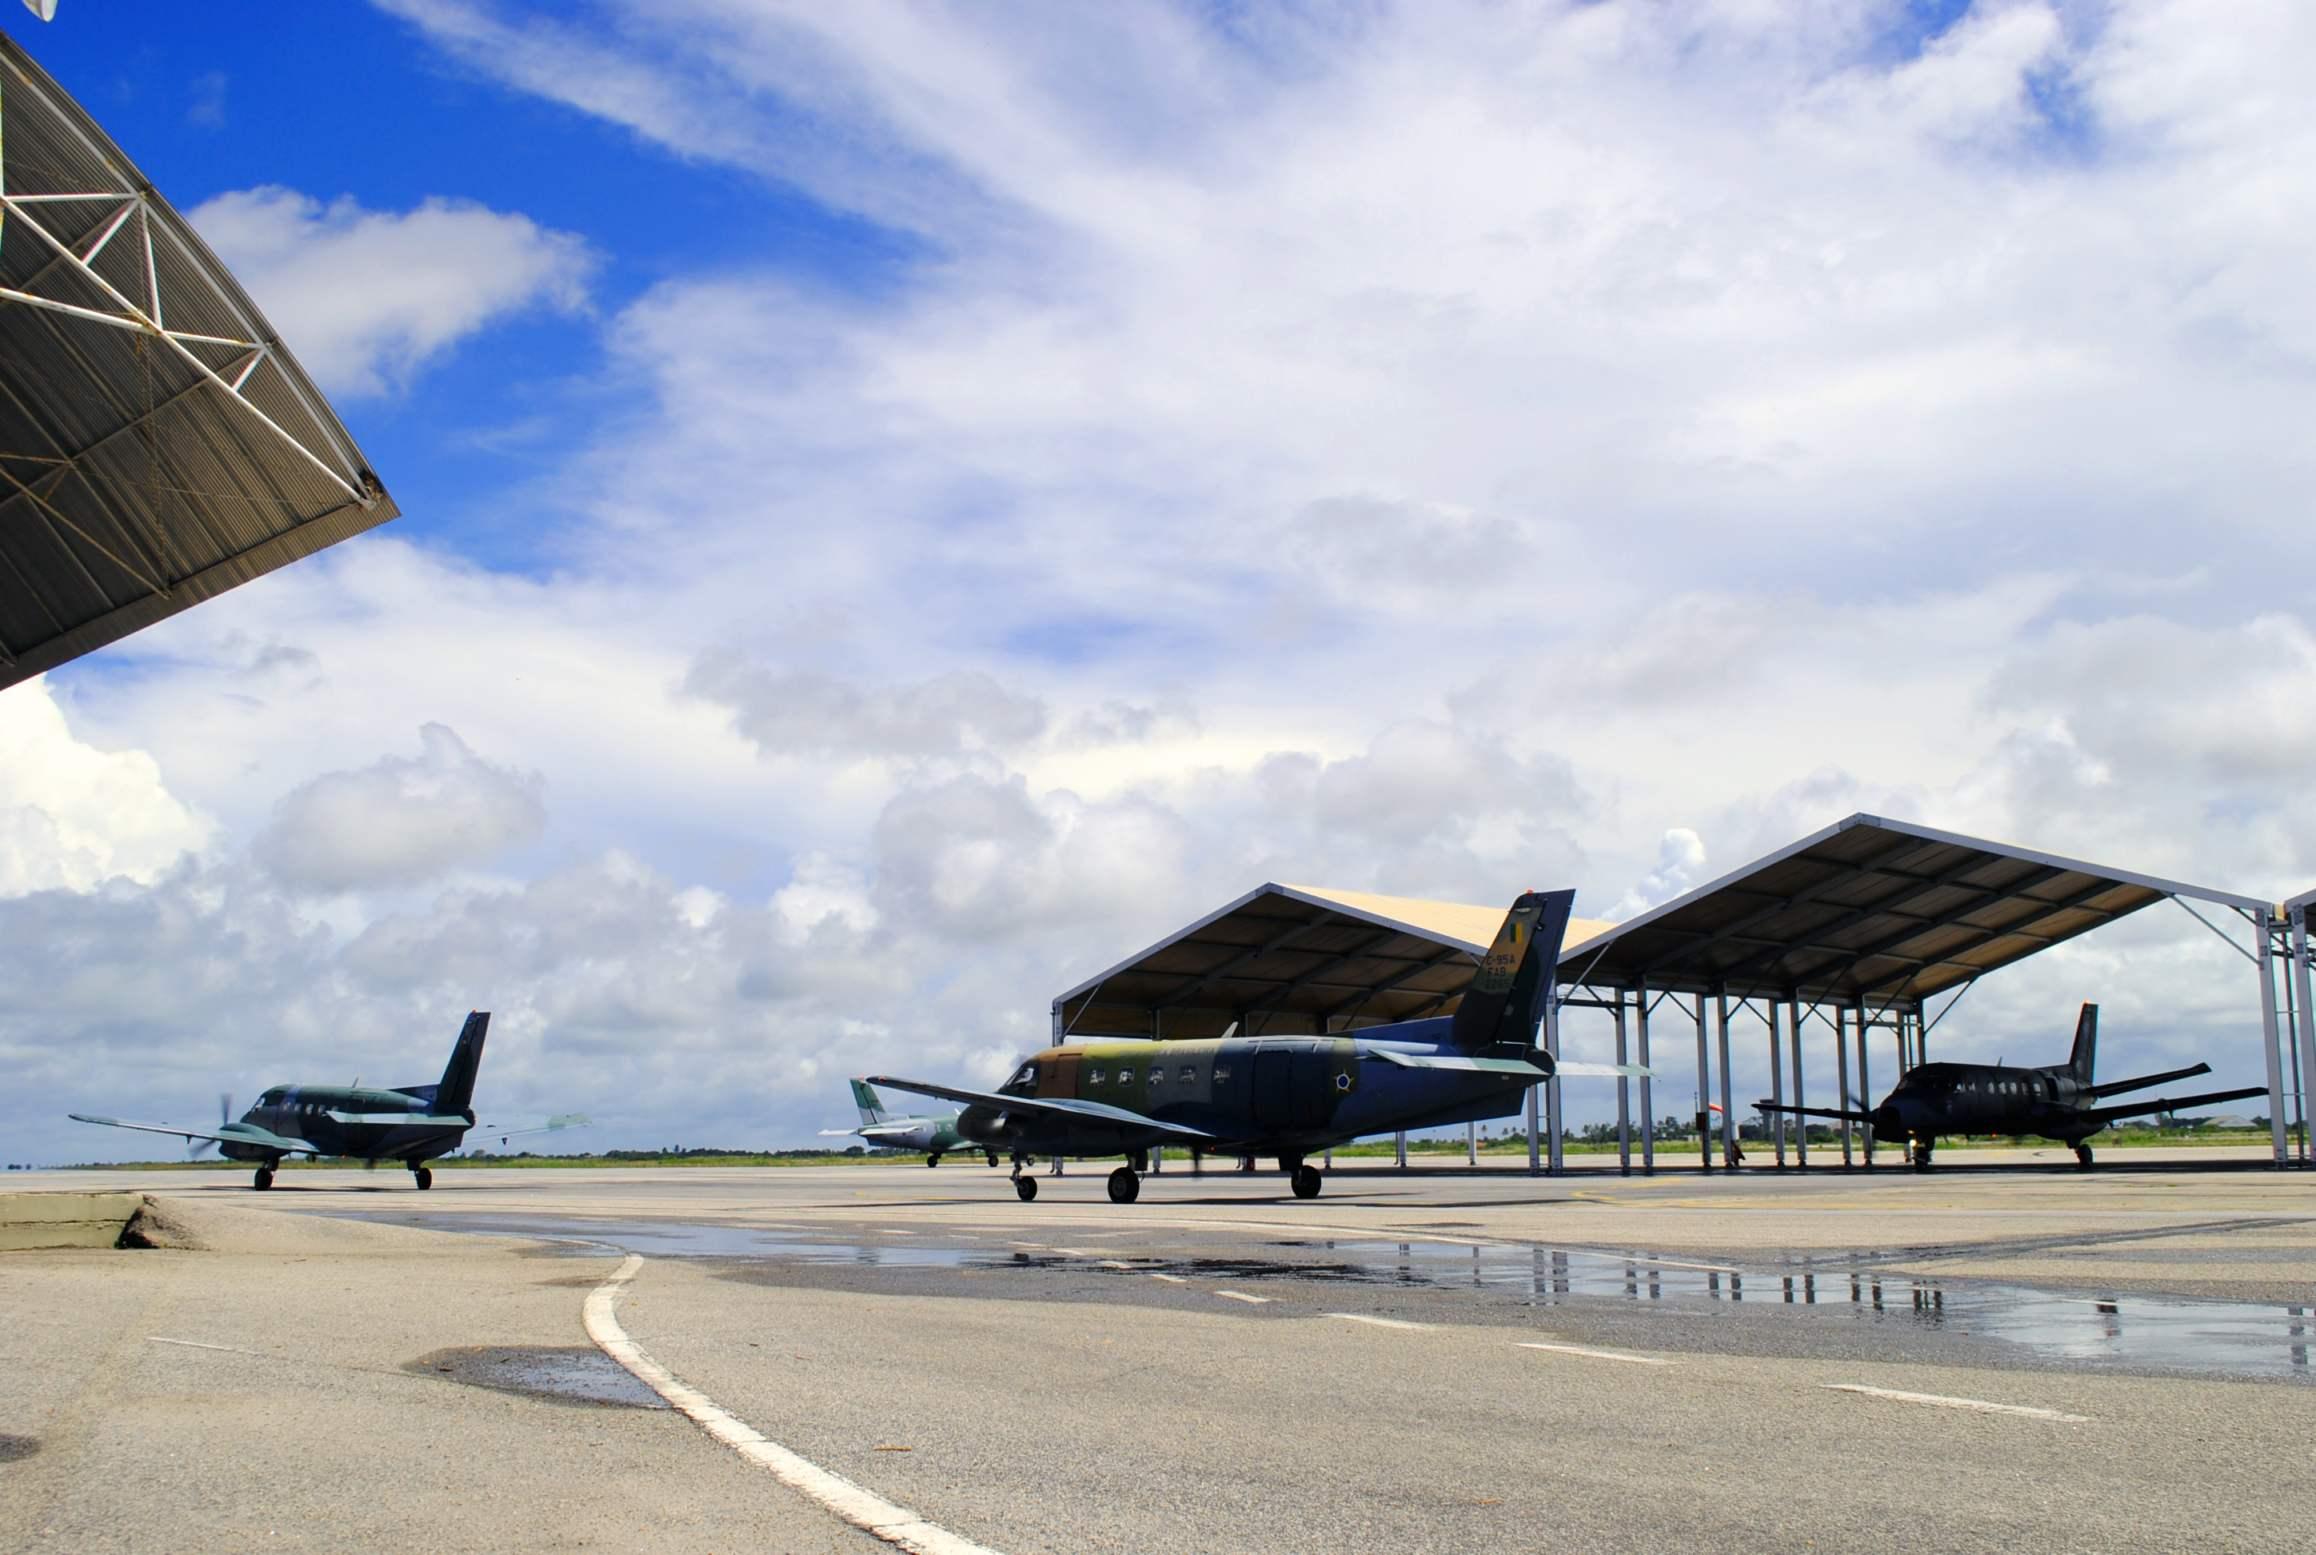 Militares de cinco esquadrões estão nas Alas 3 e 10 para treinar a ação de Assalto Aeroterrestre